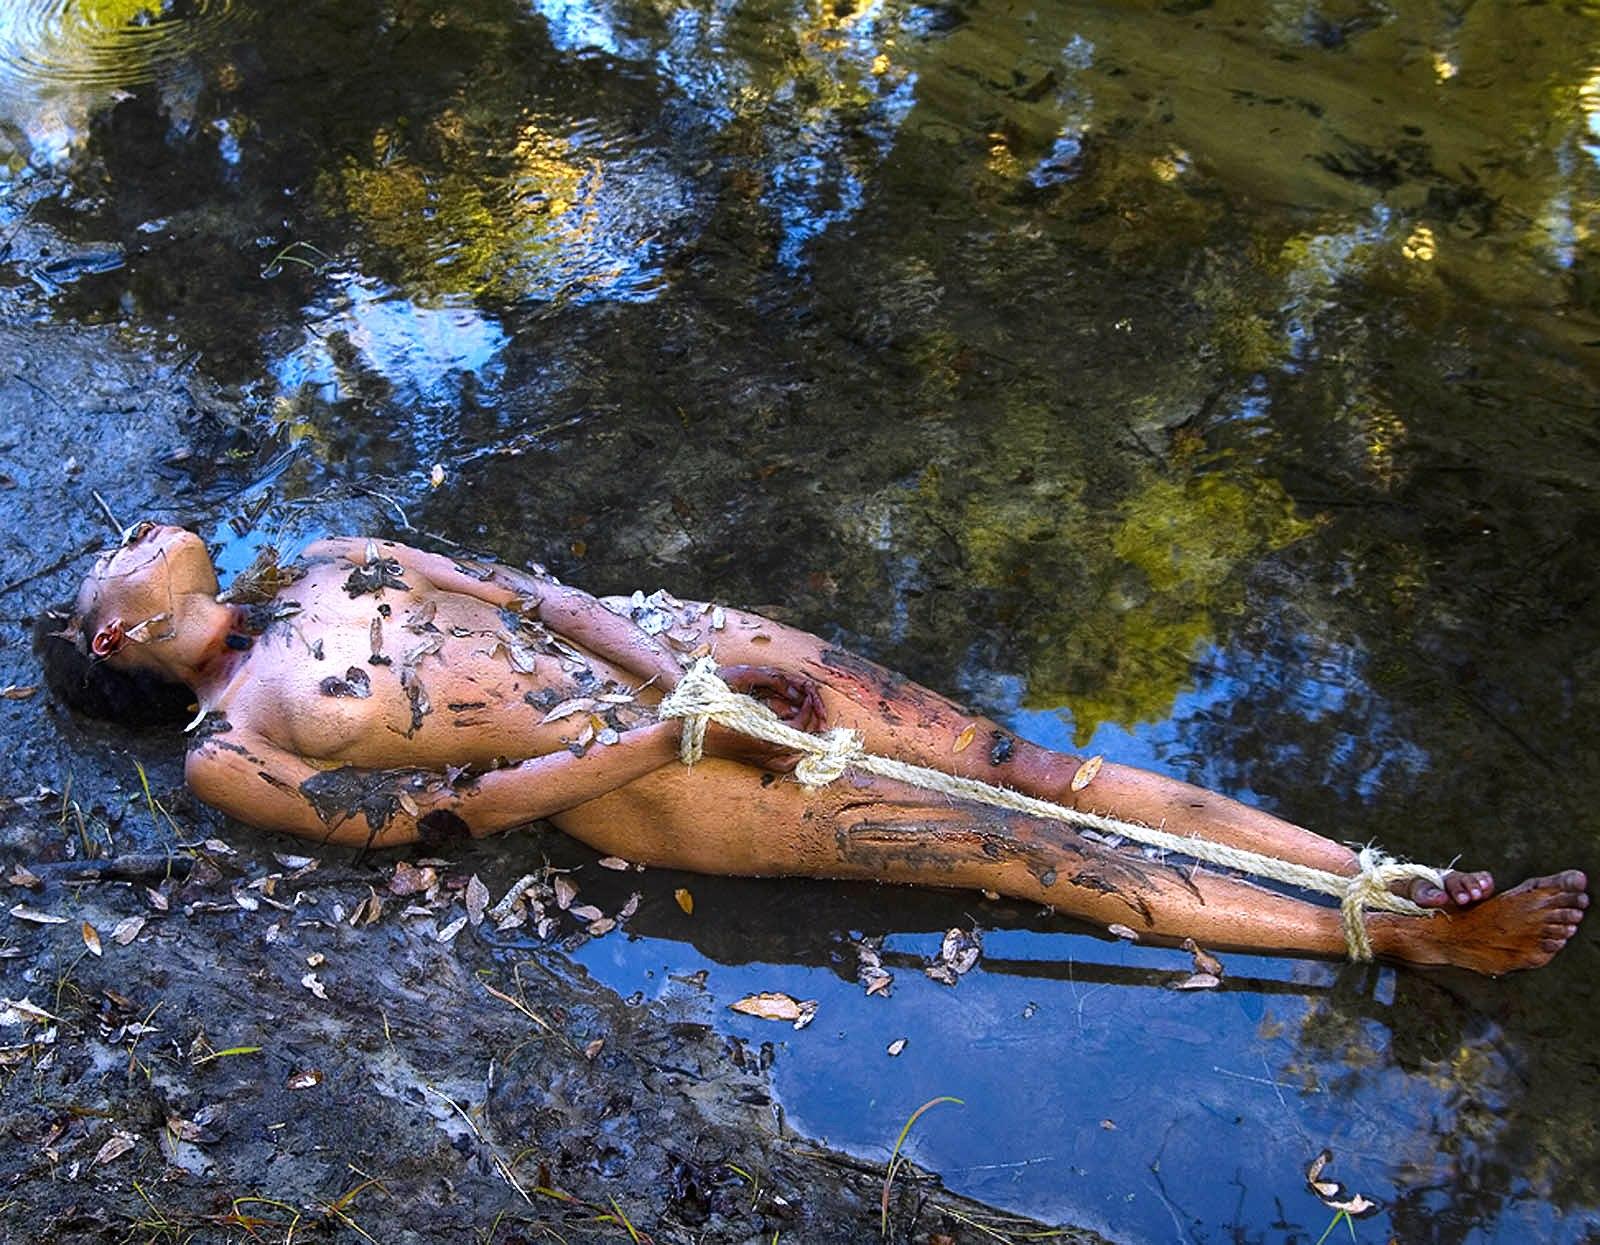 【閲覧注意】殺害されたまんさんのヌード画像を貼ってくスレ・・・ぐうシコやったwwwwwwwwwwwww(画像24枚)・2枚目